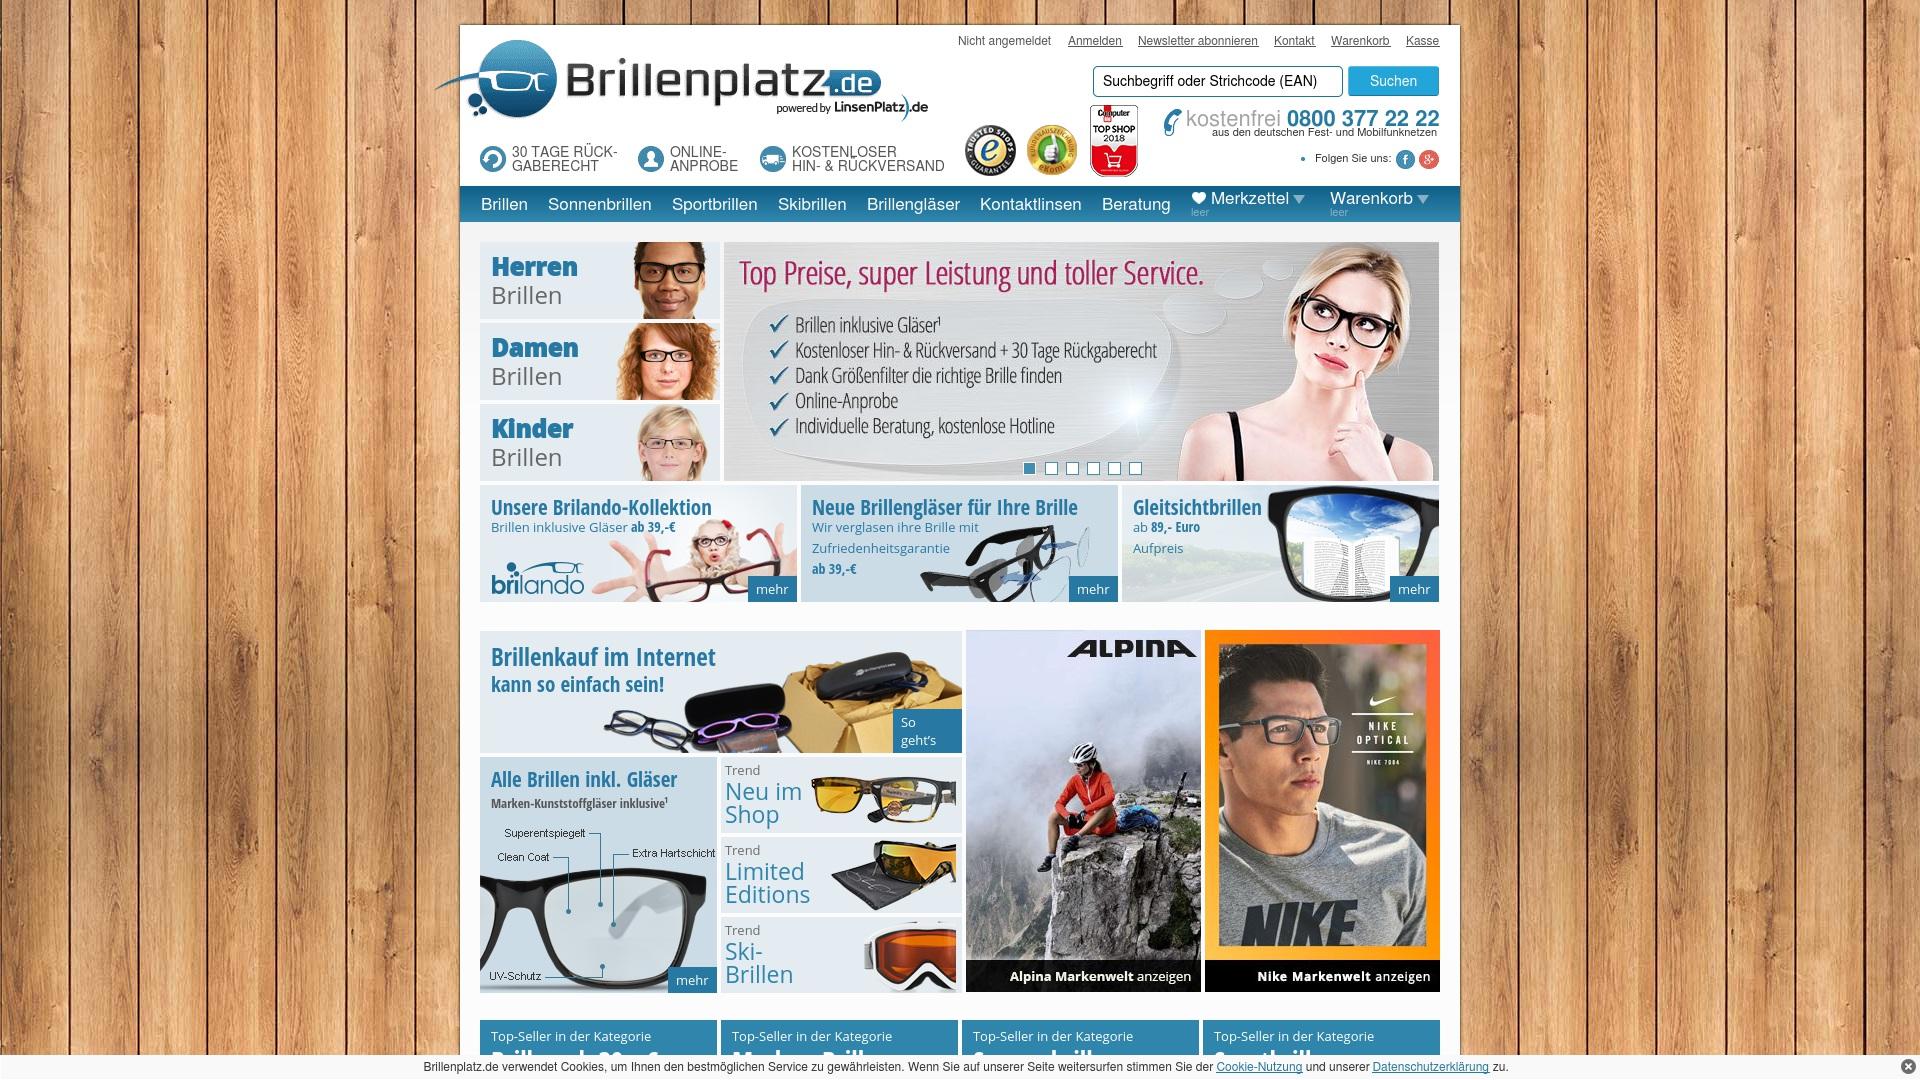 Geld zurück bei Brillenplatz: Jetzt im Juli 2021 Cashback für Brillenplatz sichern